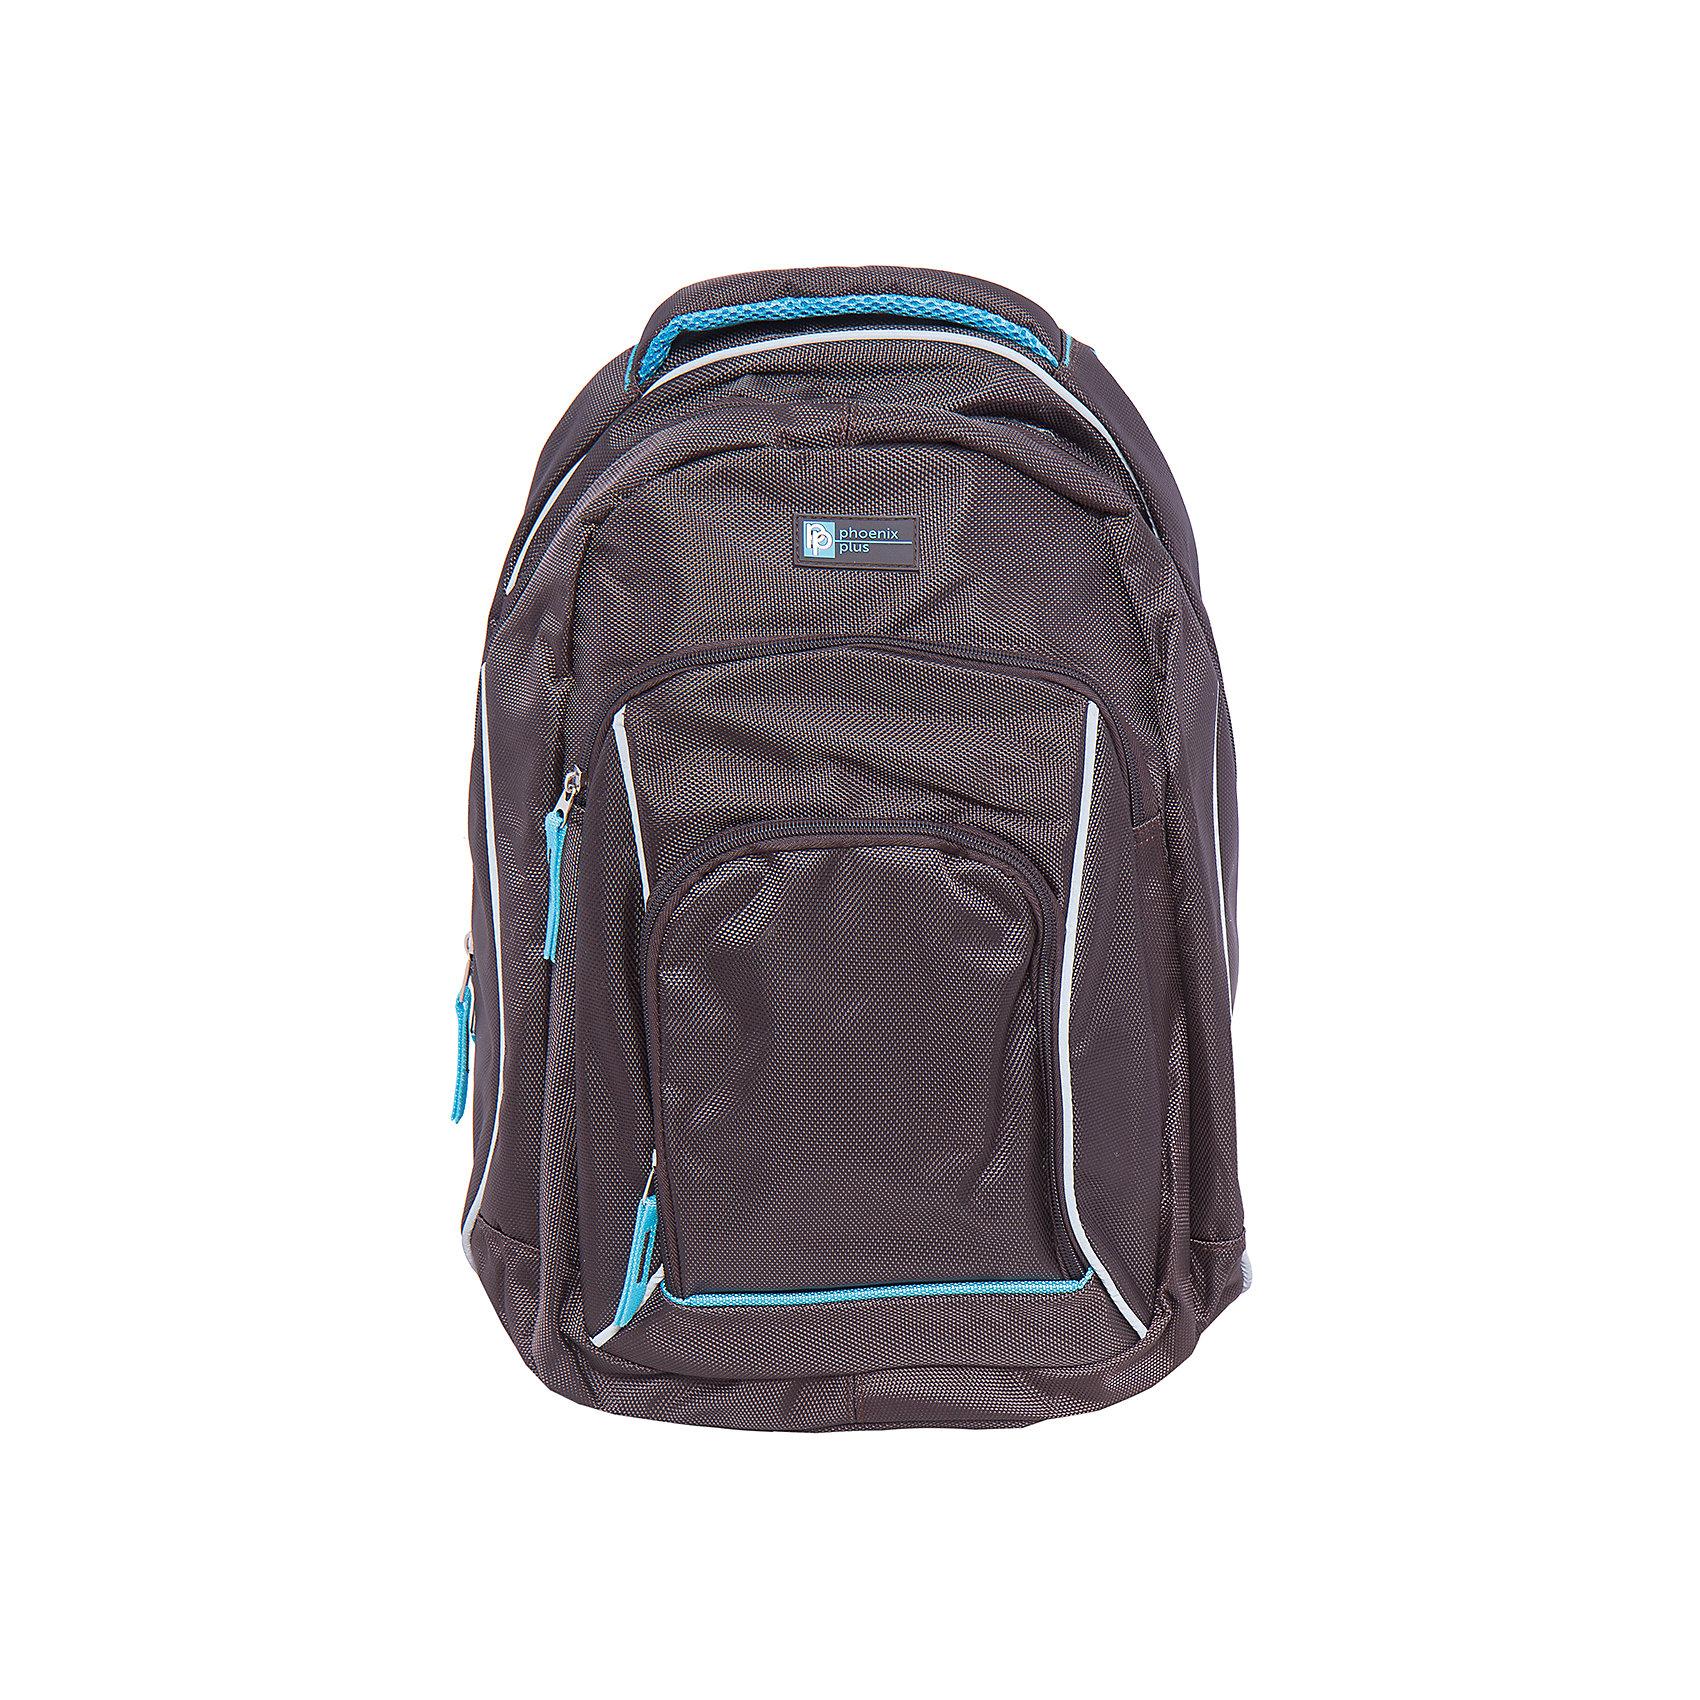 Рюкзак спортивный, коричневыйДорожные сумки и чемоданы<br>Вместительный, удобный спортивный рюкзак для Вашего ребенка. У рюкзака одно большое отделение на молнии и два дополнительных накладных кармана спереди, лямки регулируются.<br><br>Дополнительная информация:<br><br>- Возраст: от 6 лет.<br>- Молнии ранца украшены брелками.<br>- Светоотражающие вставки.<br>- Материал: 100% полиэстер.<br>- Размер упаковки: 42х28х11 см.<br>- Вес в упаковке: 745 г.<br><br>Купить молодежный рюкзак в фиолетовом цвете, можно в нашем магазине.<br><br>Ширина мм: 450<br>Глубина мм: 320<br>Высота мм: 160<br>Вес г: 745<br>Возраст от месяцев: 72<br>Возраст до месяцев: 2147483647<br>Пол: Унисекс<br>Возраст: Детский<br>SKU: 4943476